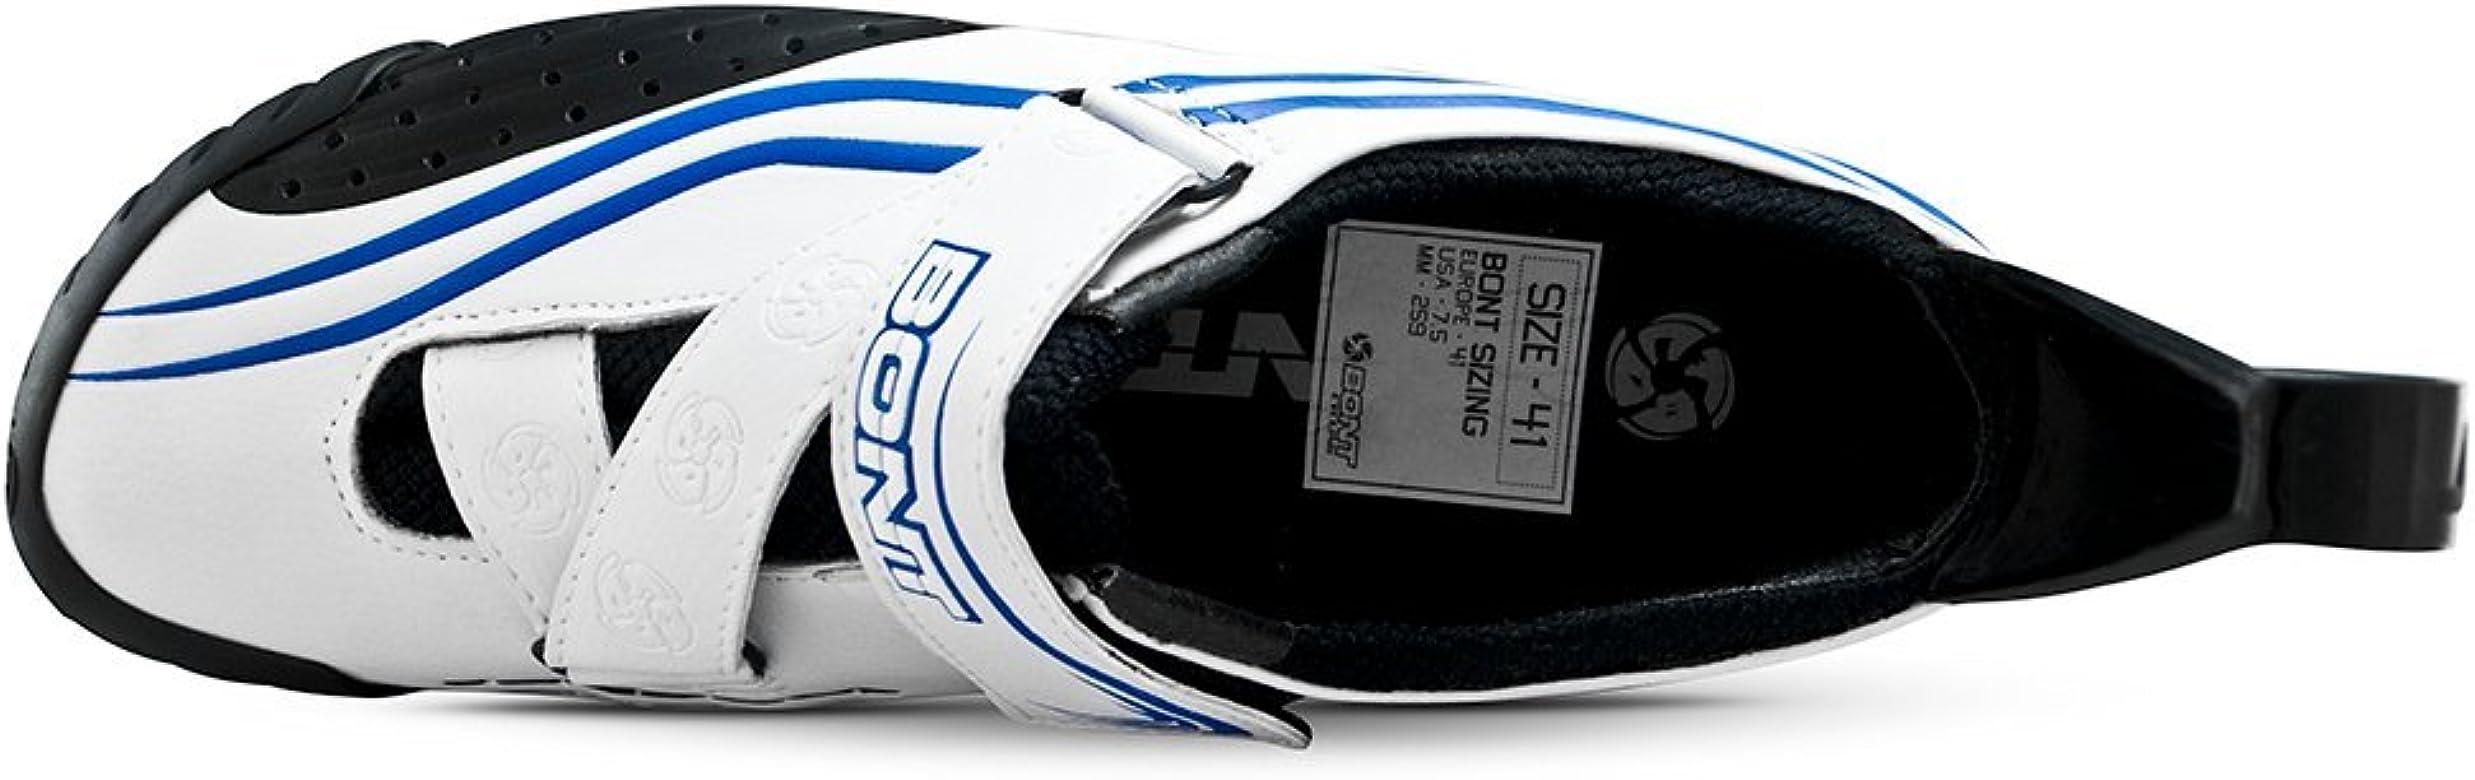 Bont Sub 10 Triatlón Zapatillas de Ciclismo Blanco/Azul Talla 41 ...